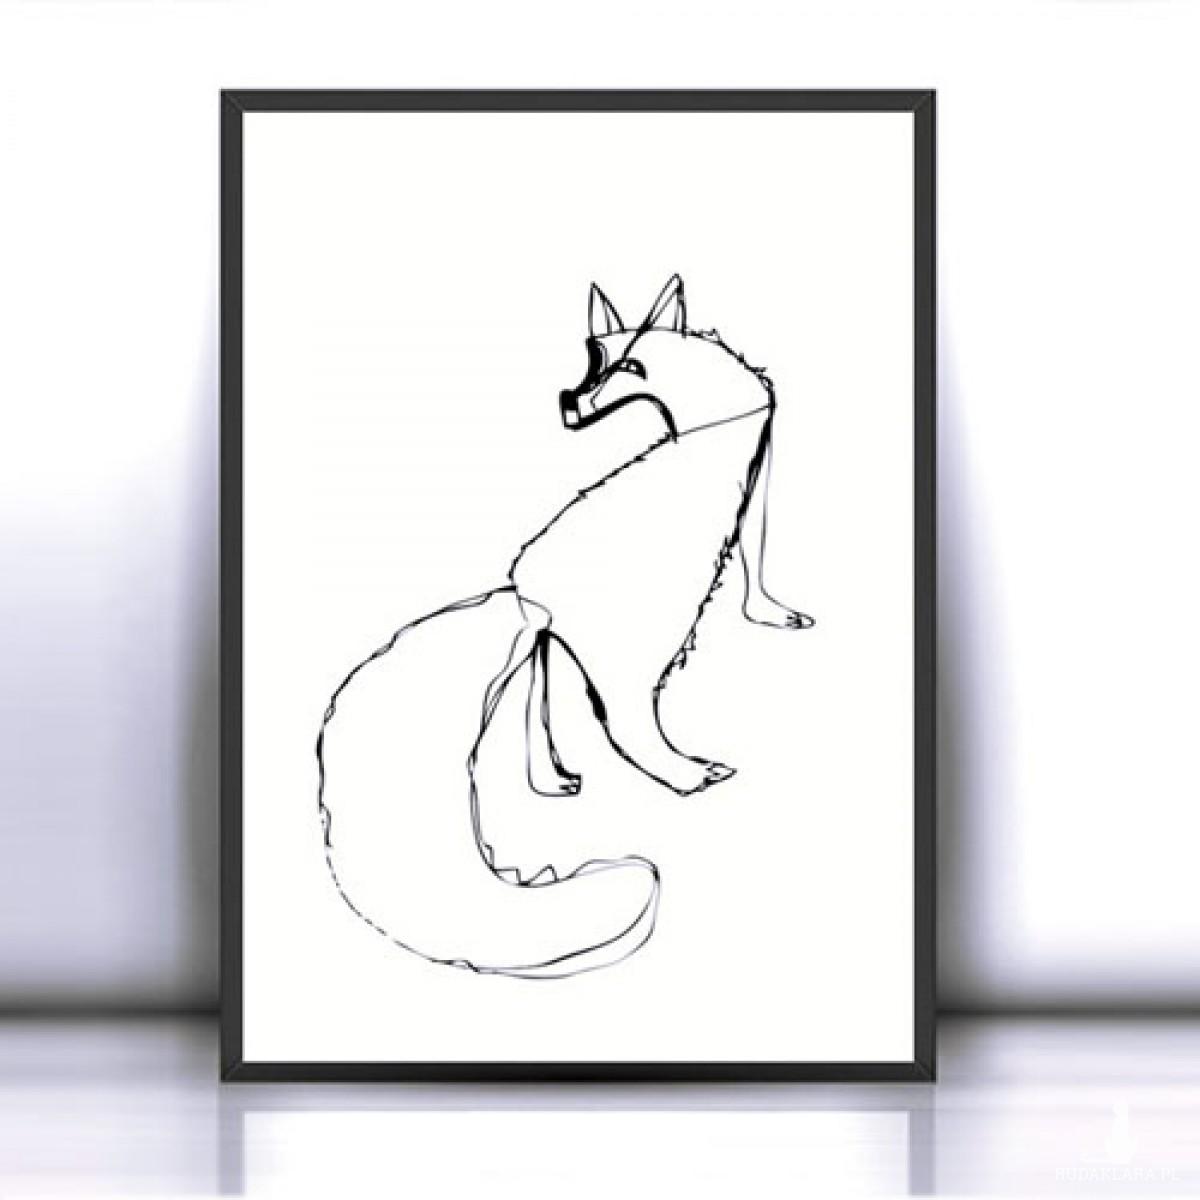 30x40 cm biało czarny plakat z liskiem, biało czarna grafika z lisem, lis plakat, obrazek w stylu skandynawskim